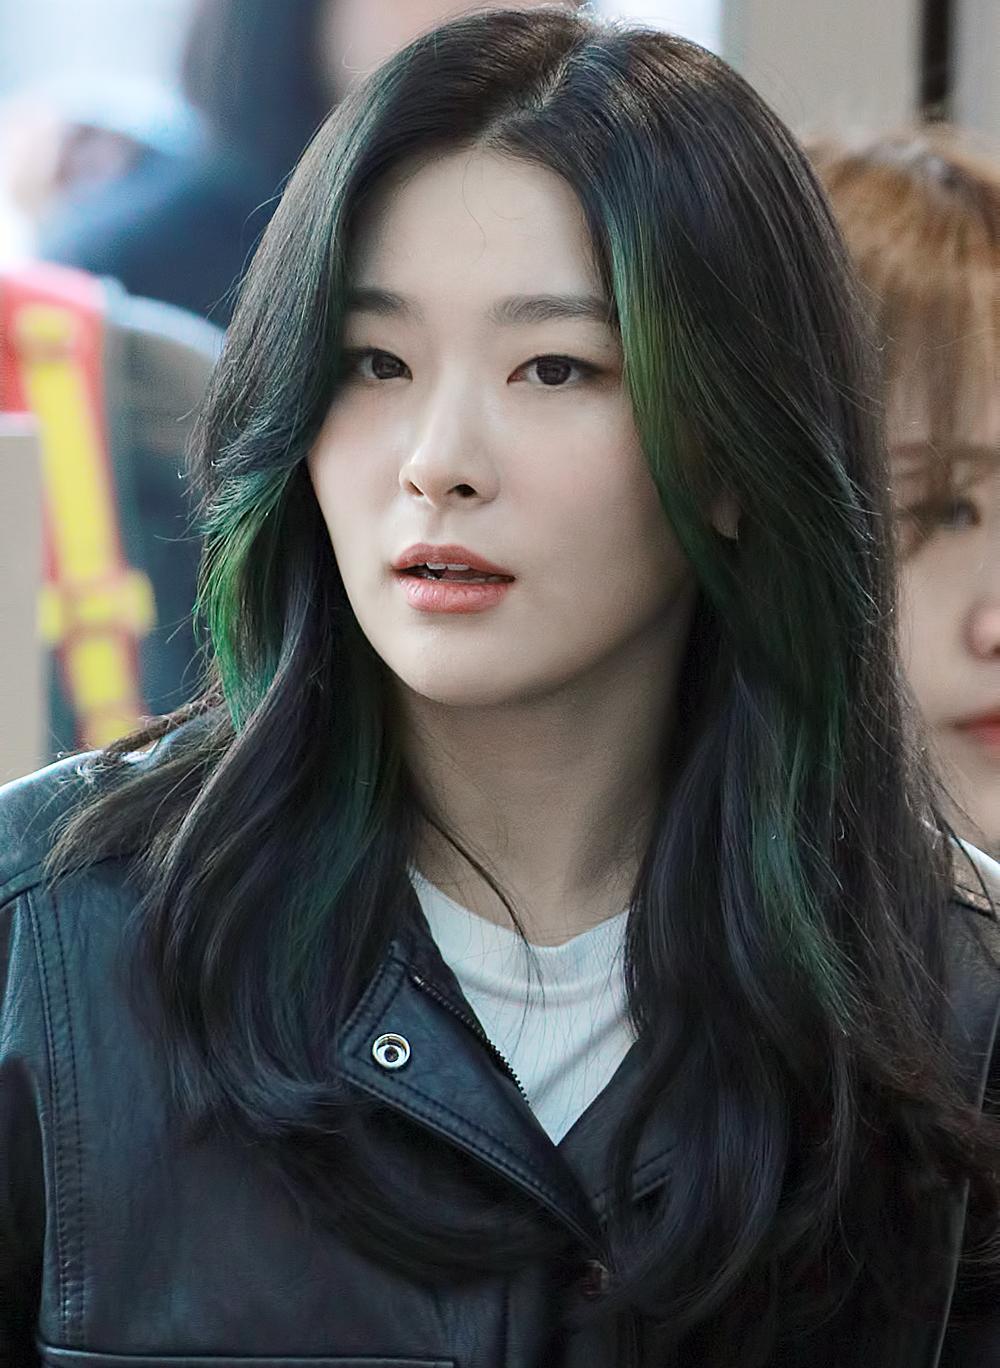 7-Beauty-Standards-For-K-Pop-Idols-Not-Appreciated-By-International-Fans-15